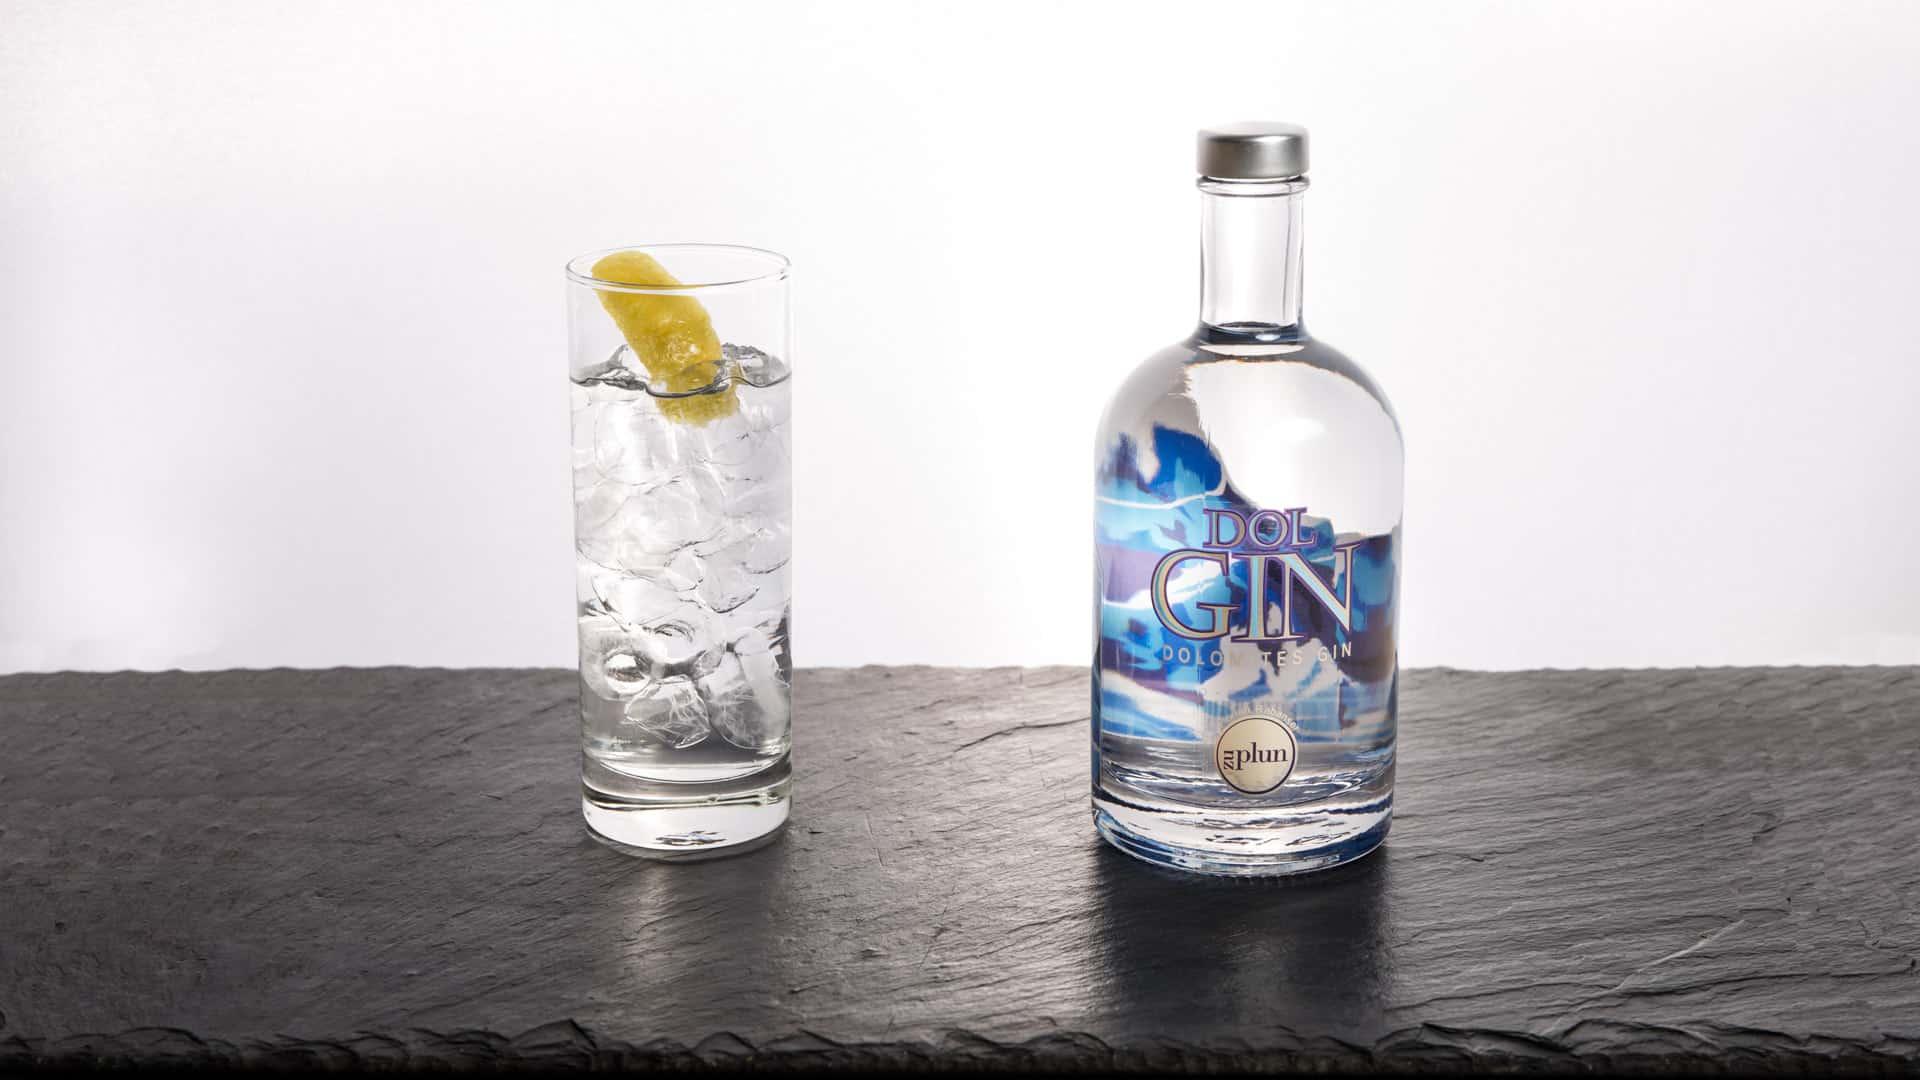 I gin Zu Plun